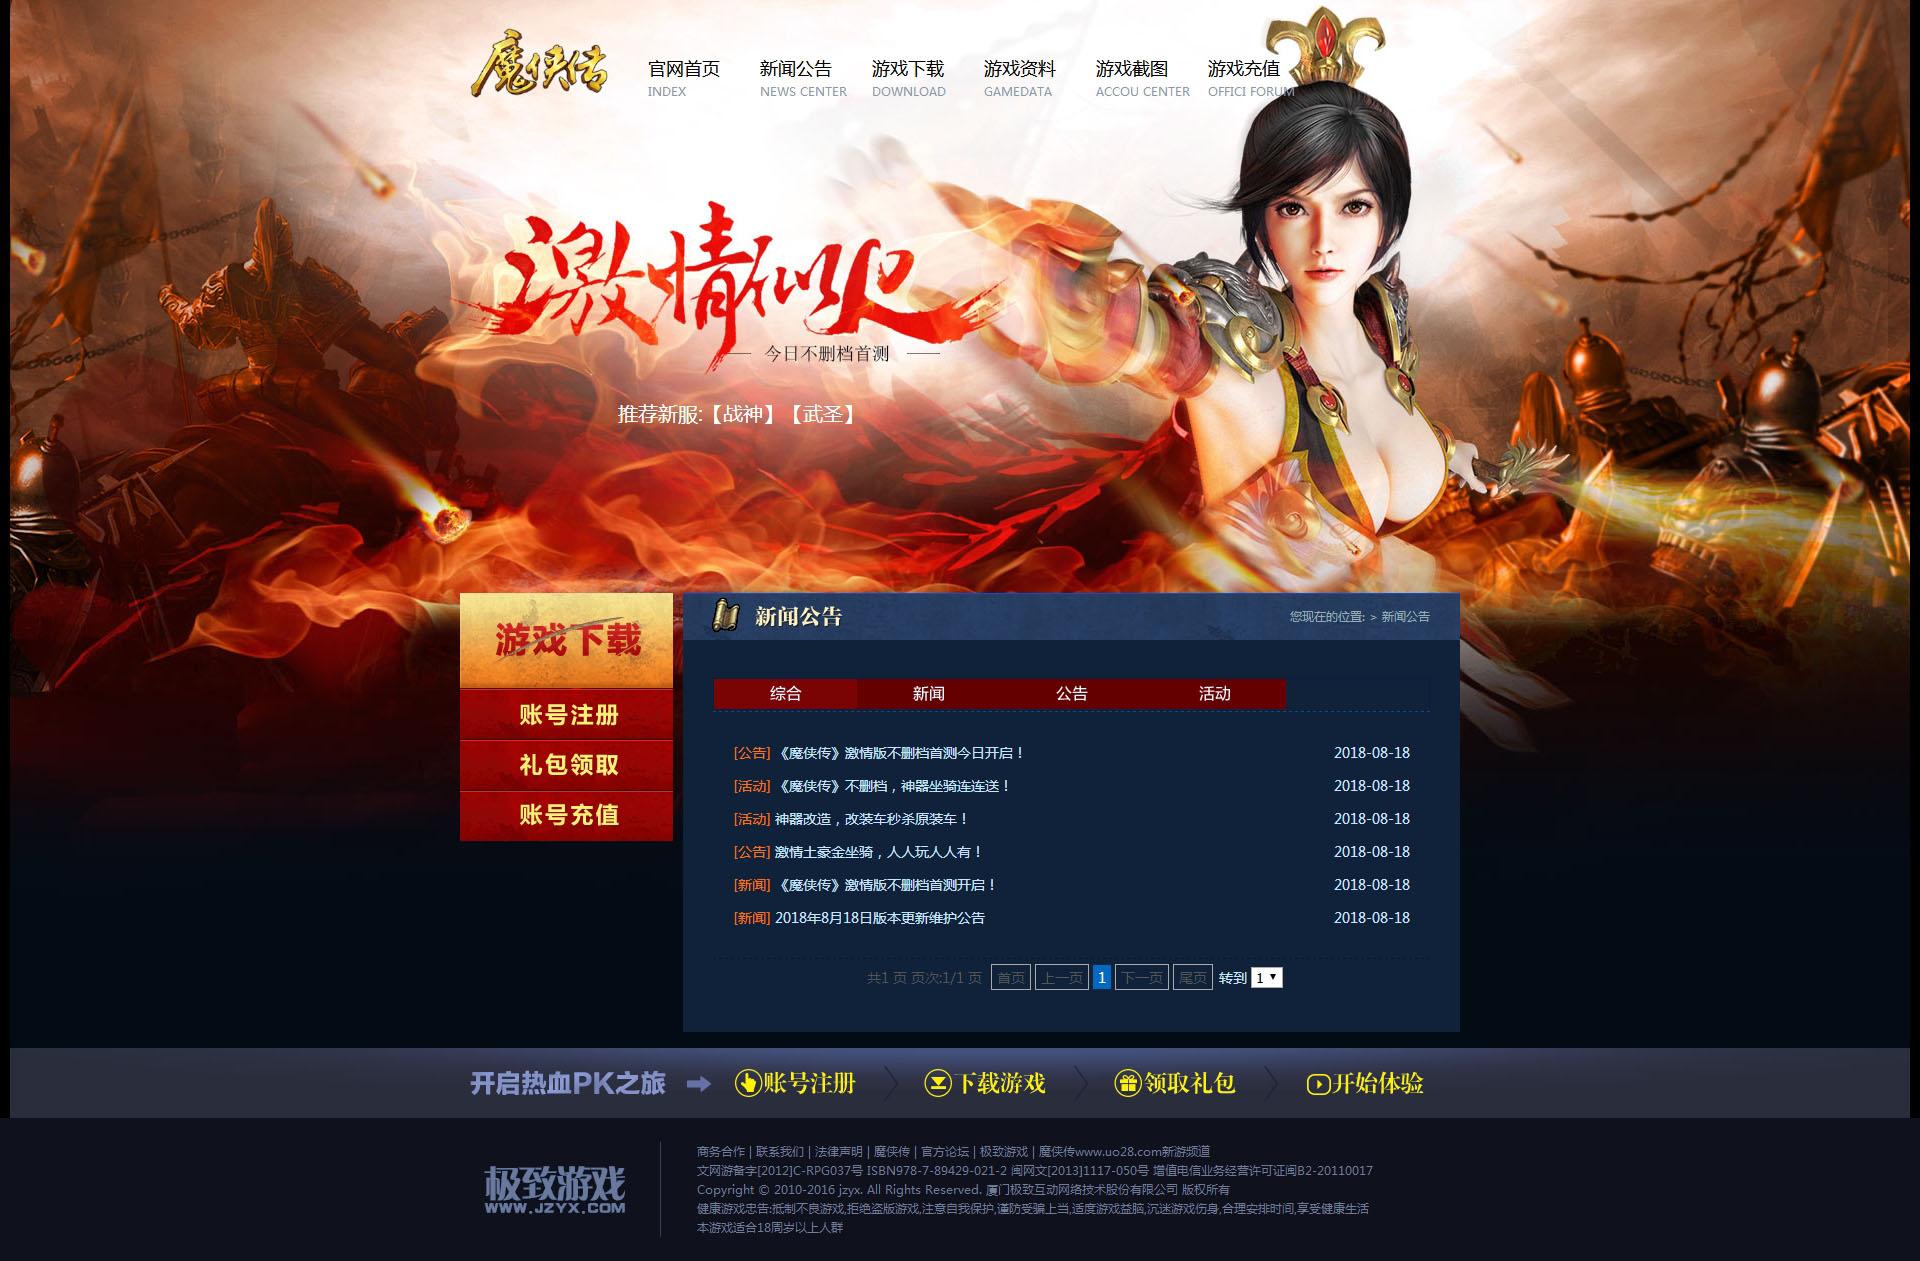 魔侠传模板 传奇模板一条龙 游戏网站模板 ASP网站模板 带后台